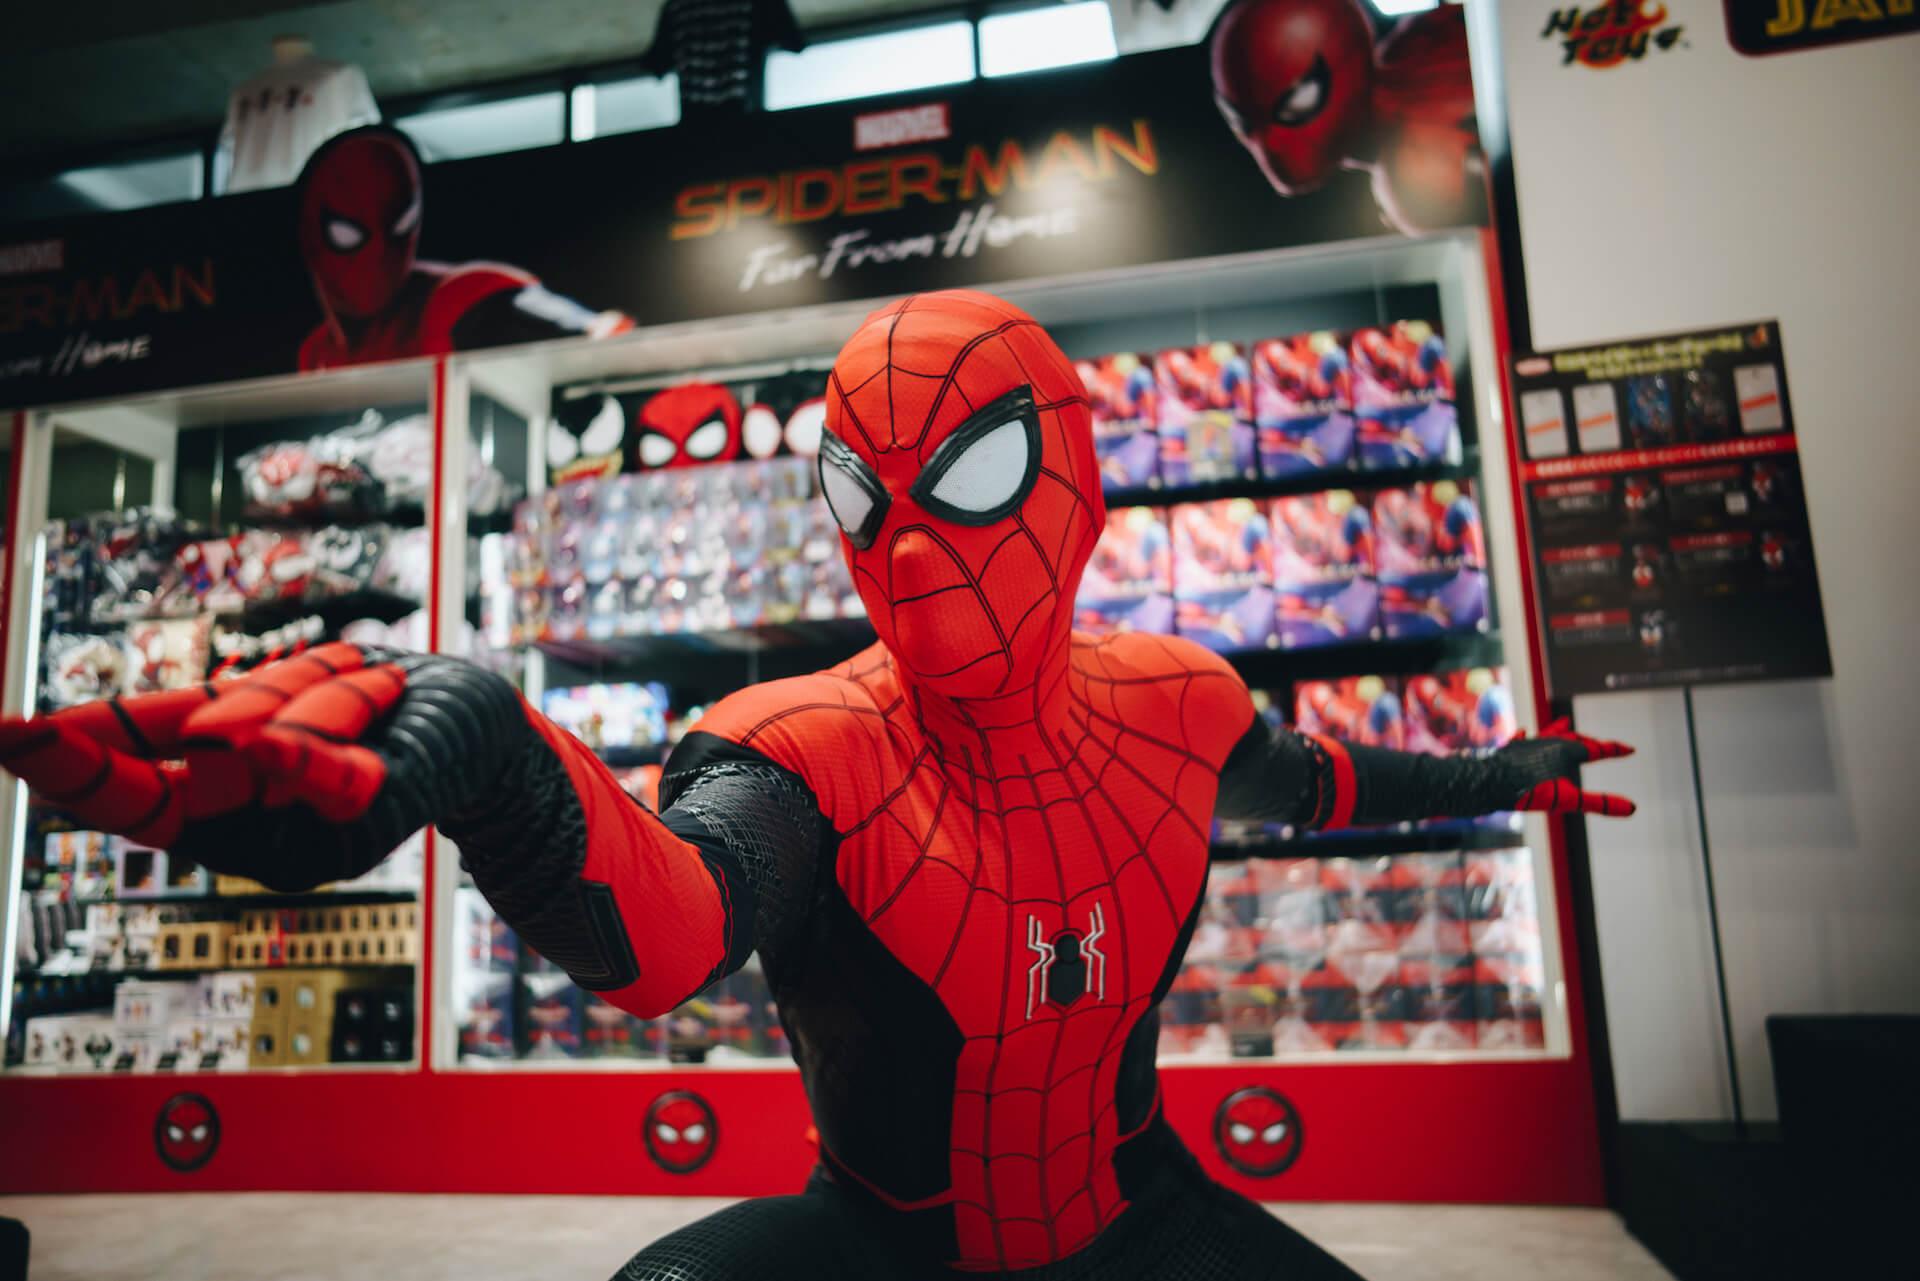 スパイダーマン好きなら目ギラギラ大興奮必至の期間限定ショップ探訪 art-culture-spiderman-store-report-8